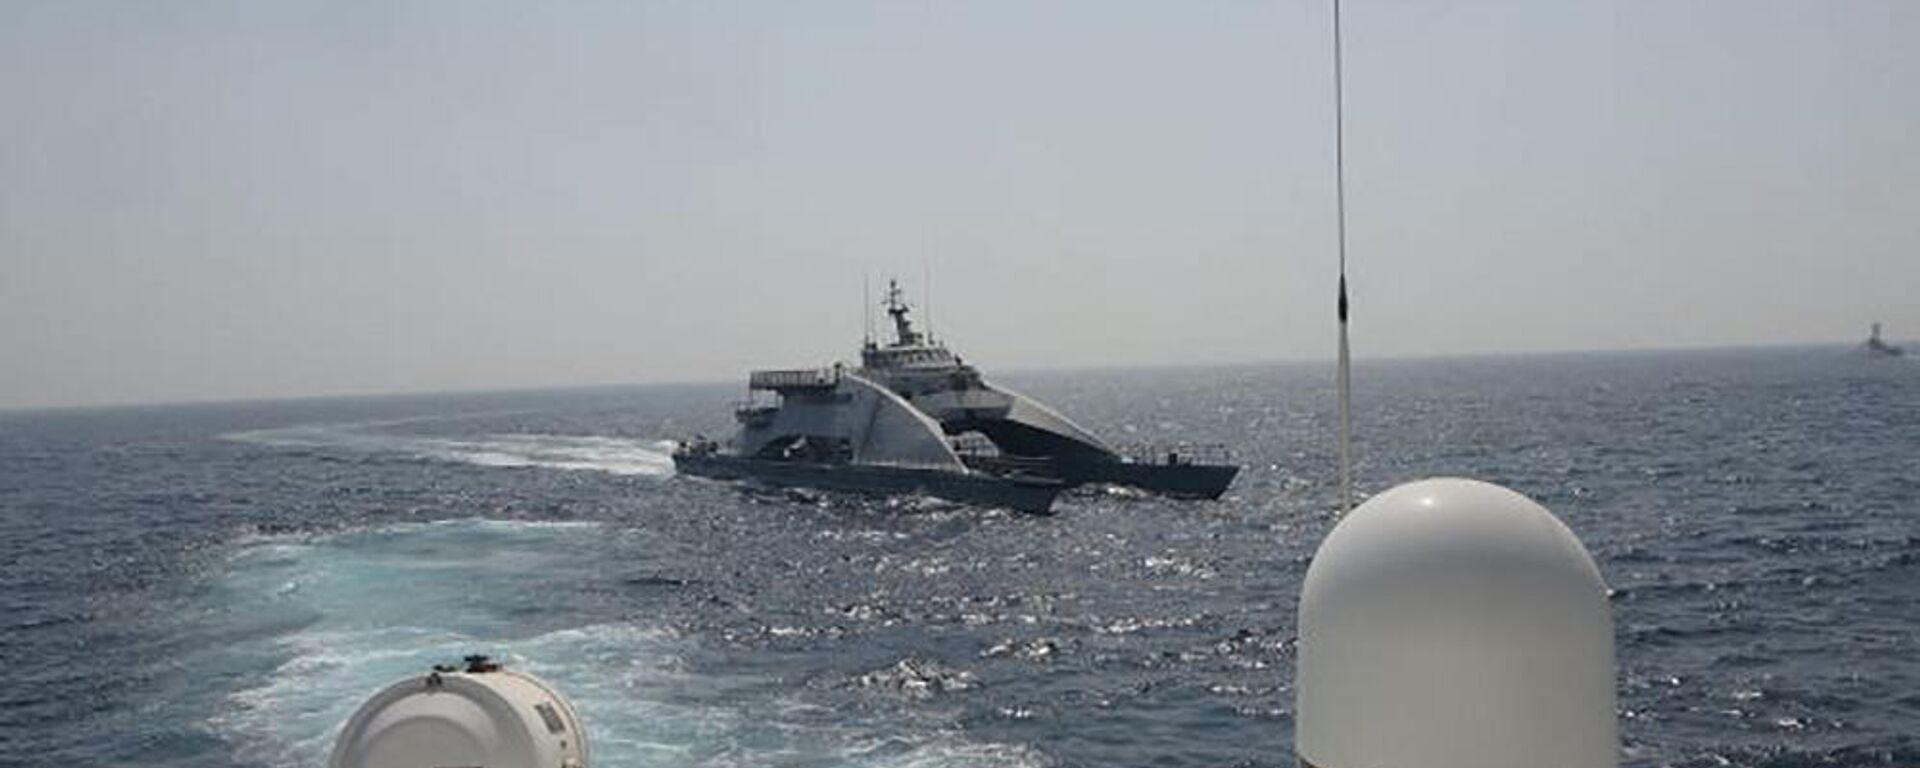 Ein Boot der Iranischen Revolutionsgarde  - SNA, 1920, 28.04.2021